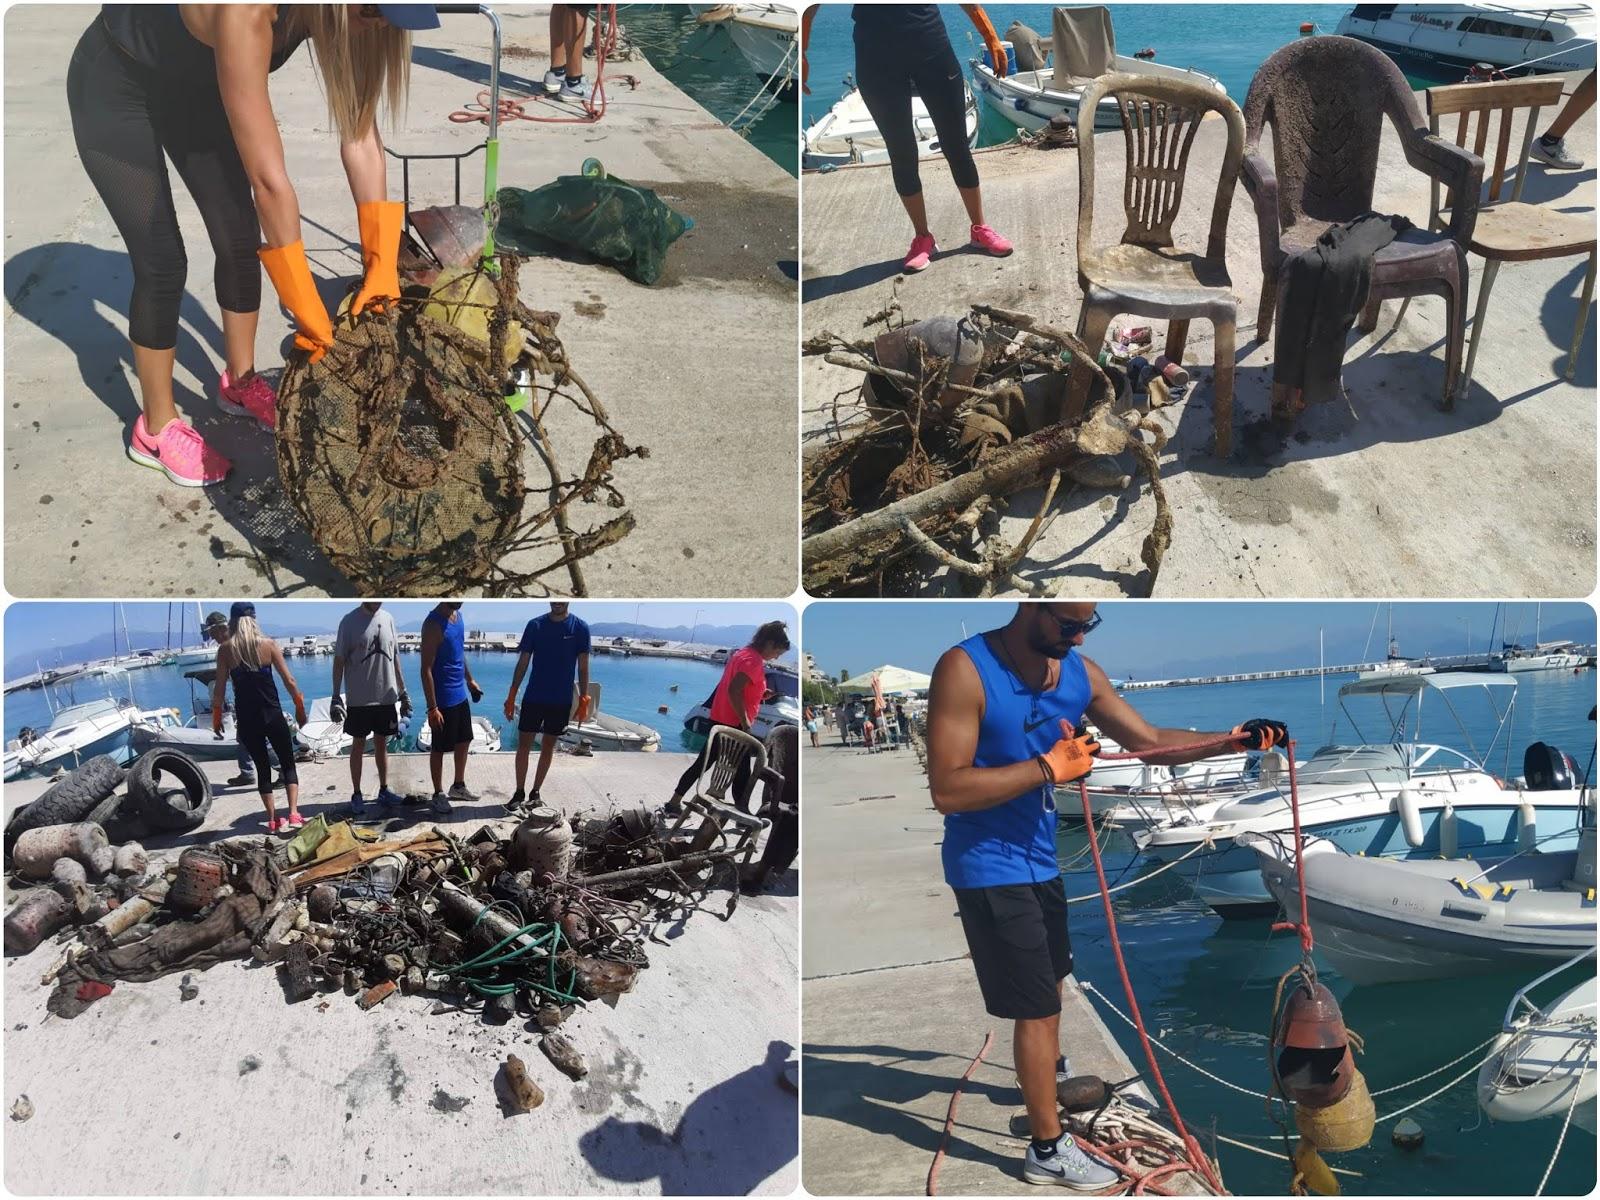 σκουπιδια θαλασσα